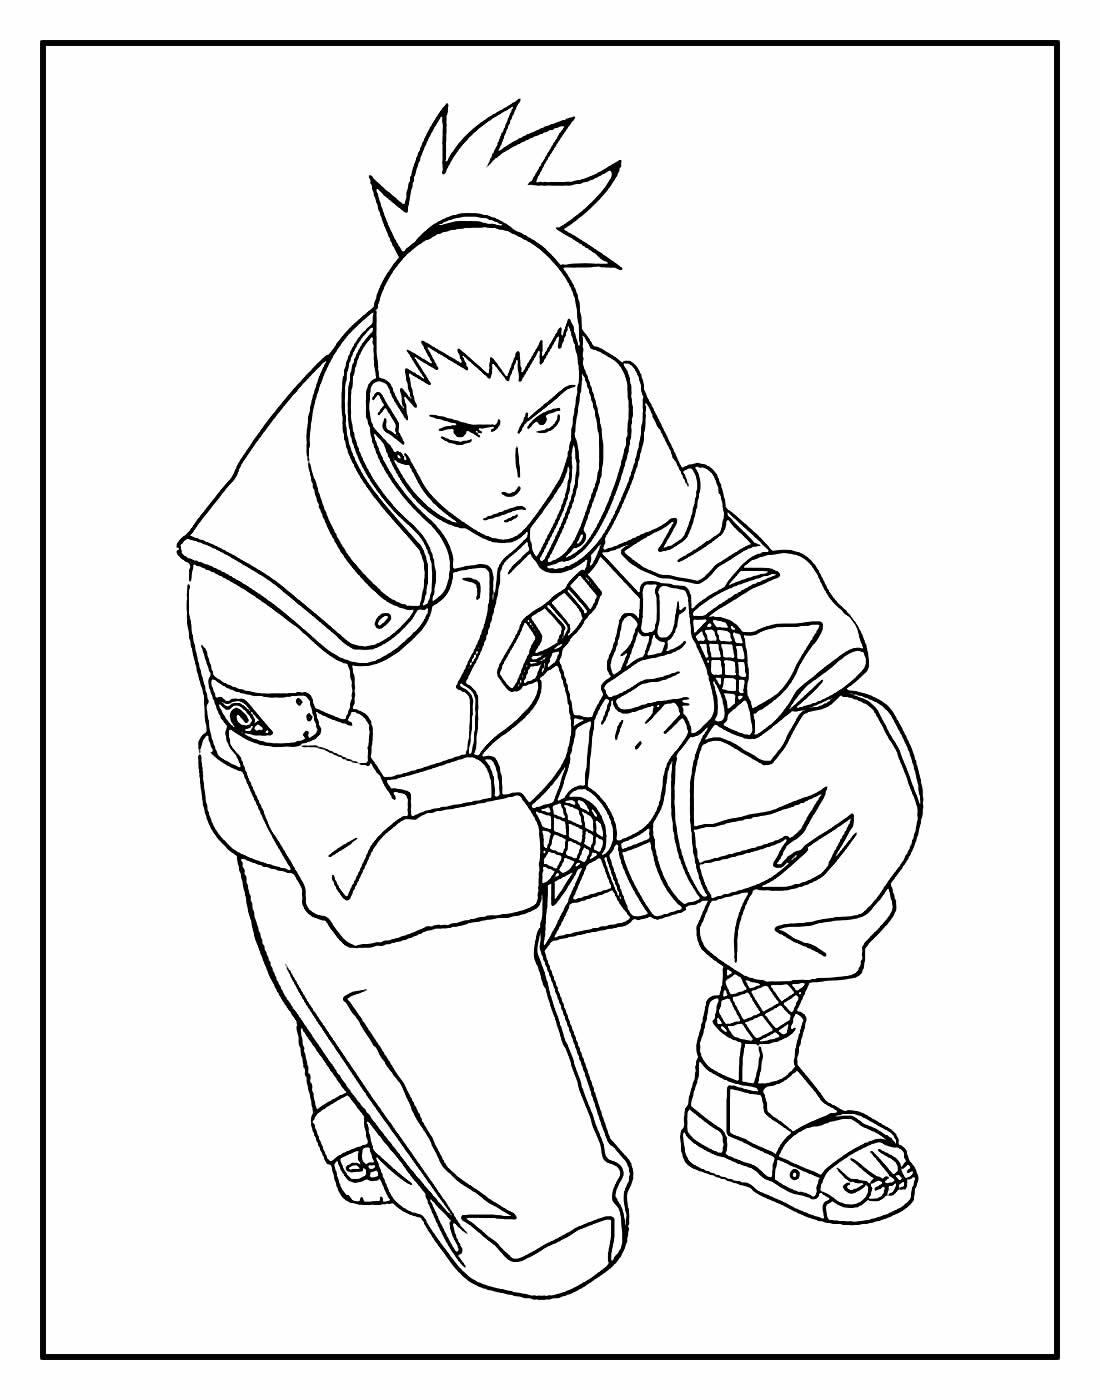 Desenho de Shikamaru para colorir - Naruto